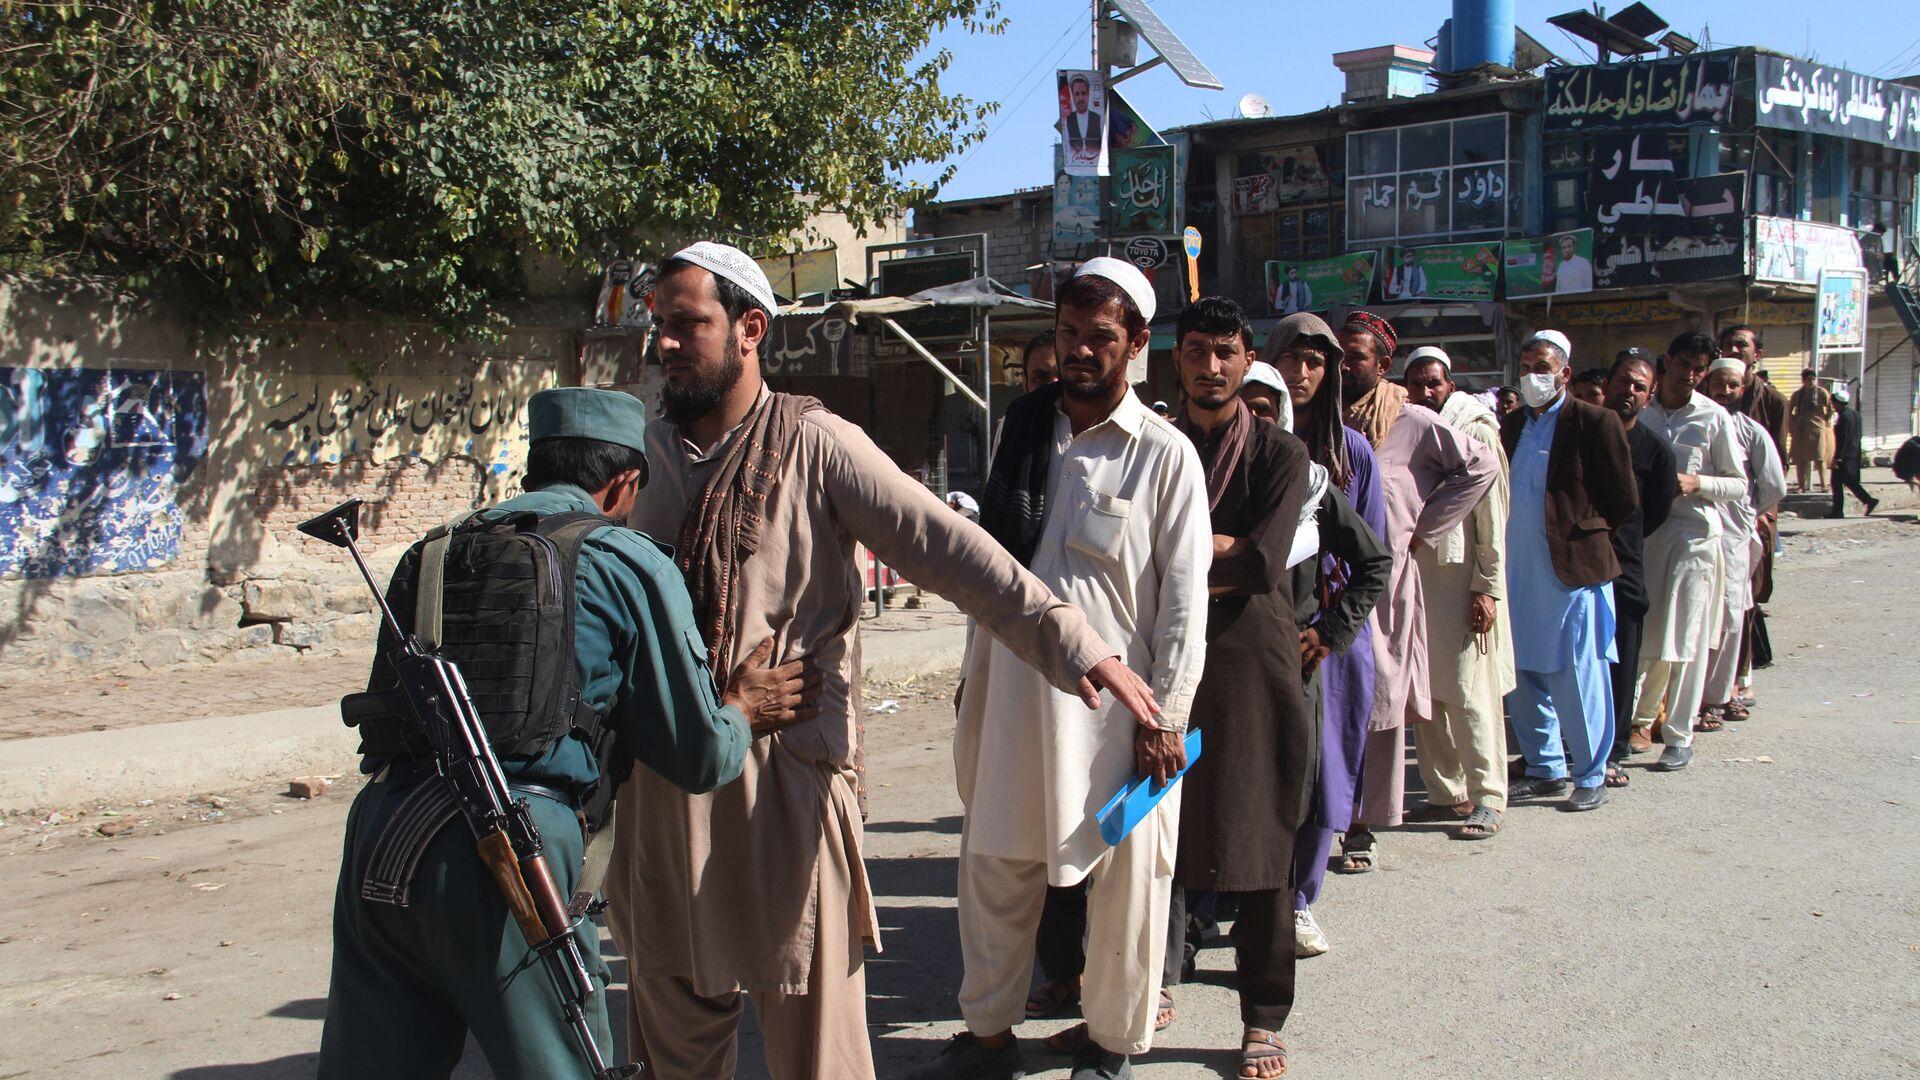 Афганский полицейский обыскивает избирателей, Афганистан. 20 октября 2018  - РИА Новости, 1920, 20.04.2021